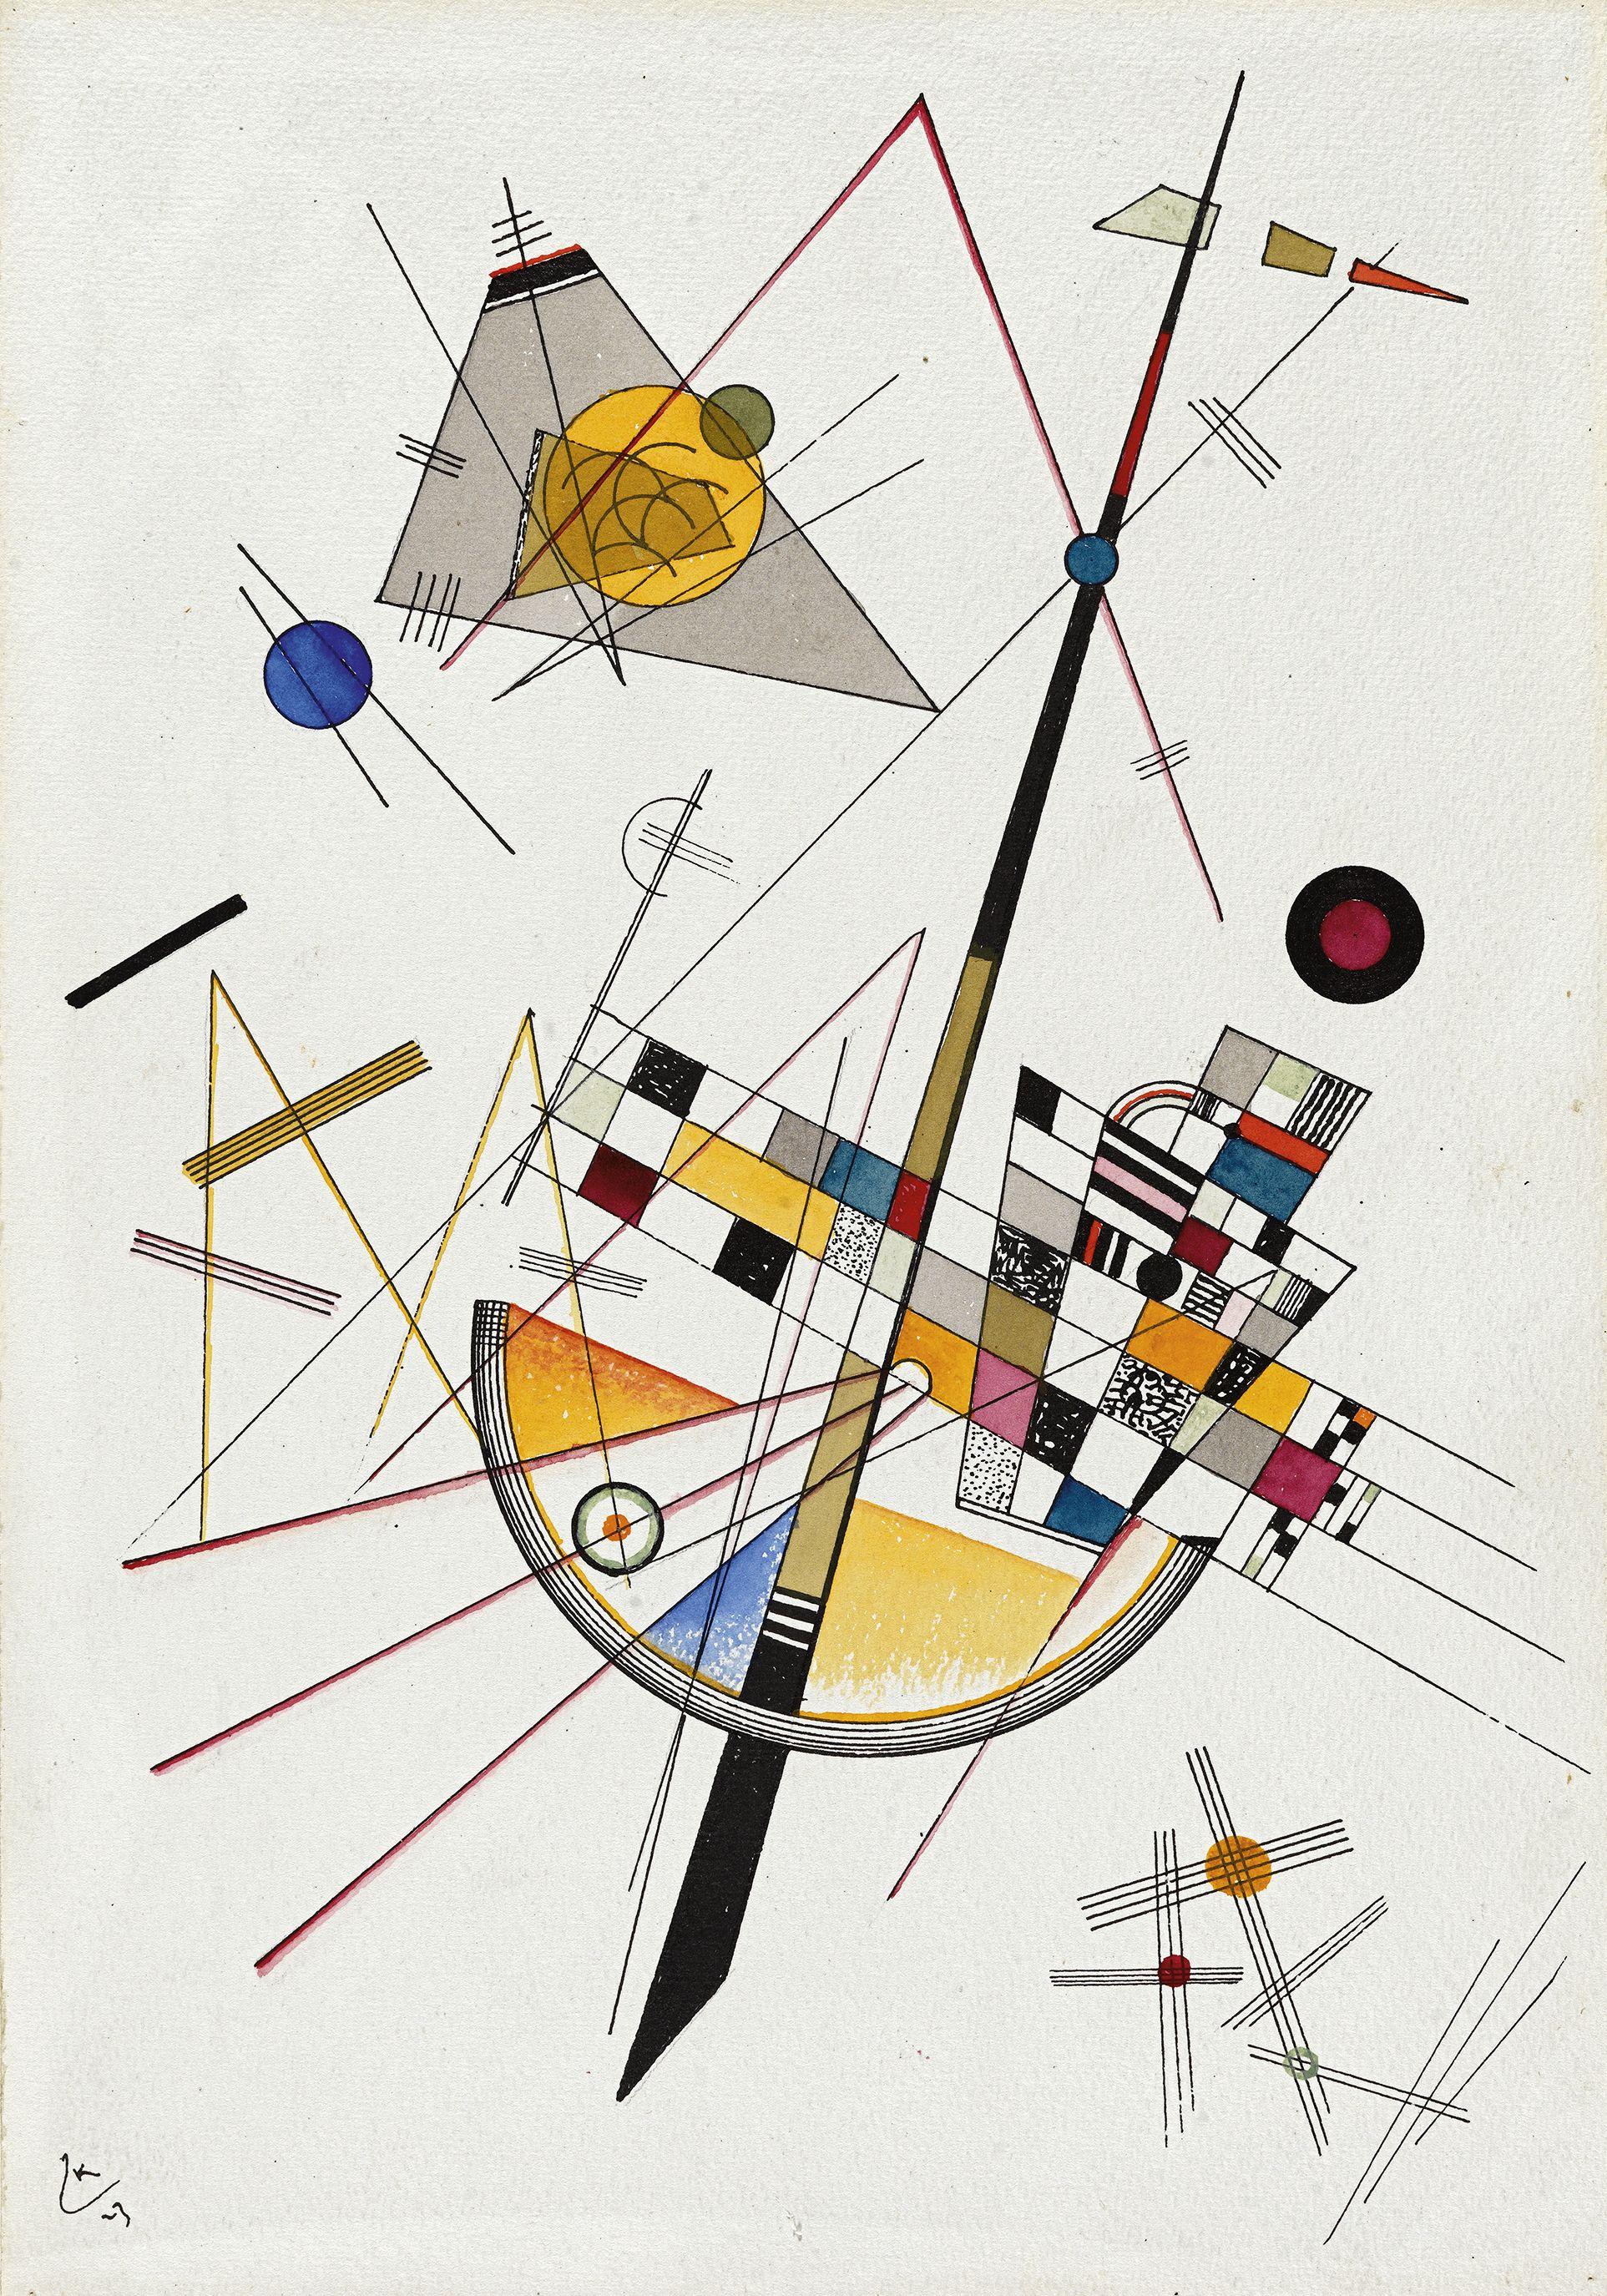 pin von tobias auf orbital debris kandinsky wassily abstrakte kunst malerei bilder kaufen gesicht malen acryl abstrakt